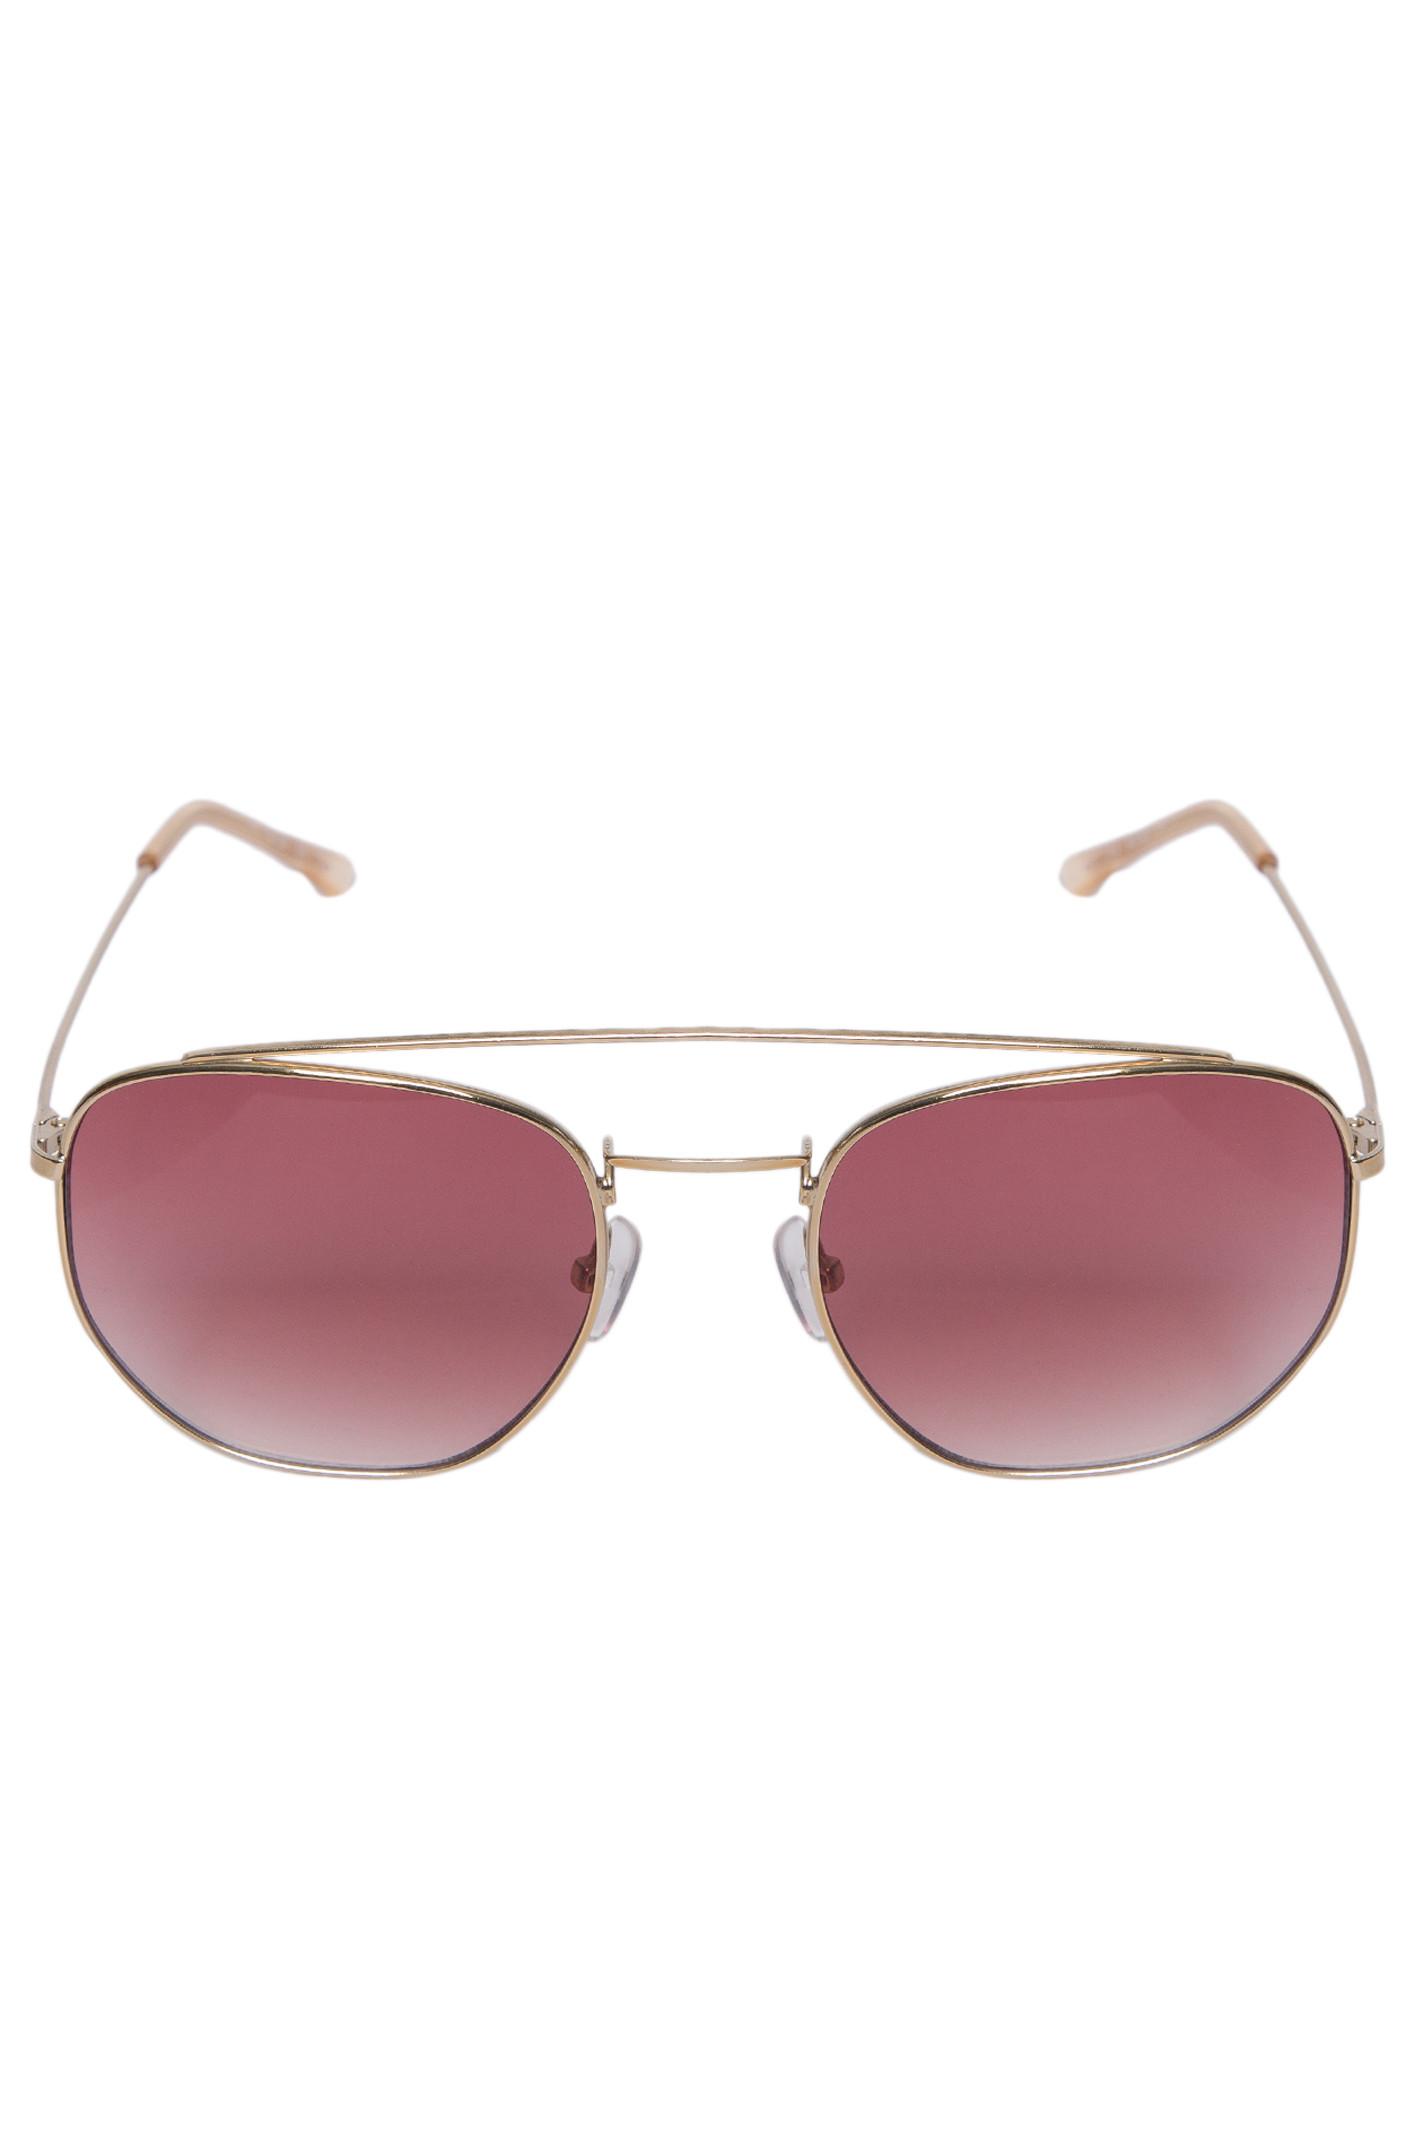 Óculos Thassia - Dourado